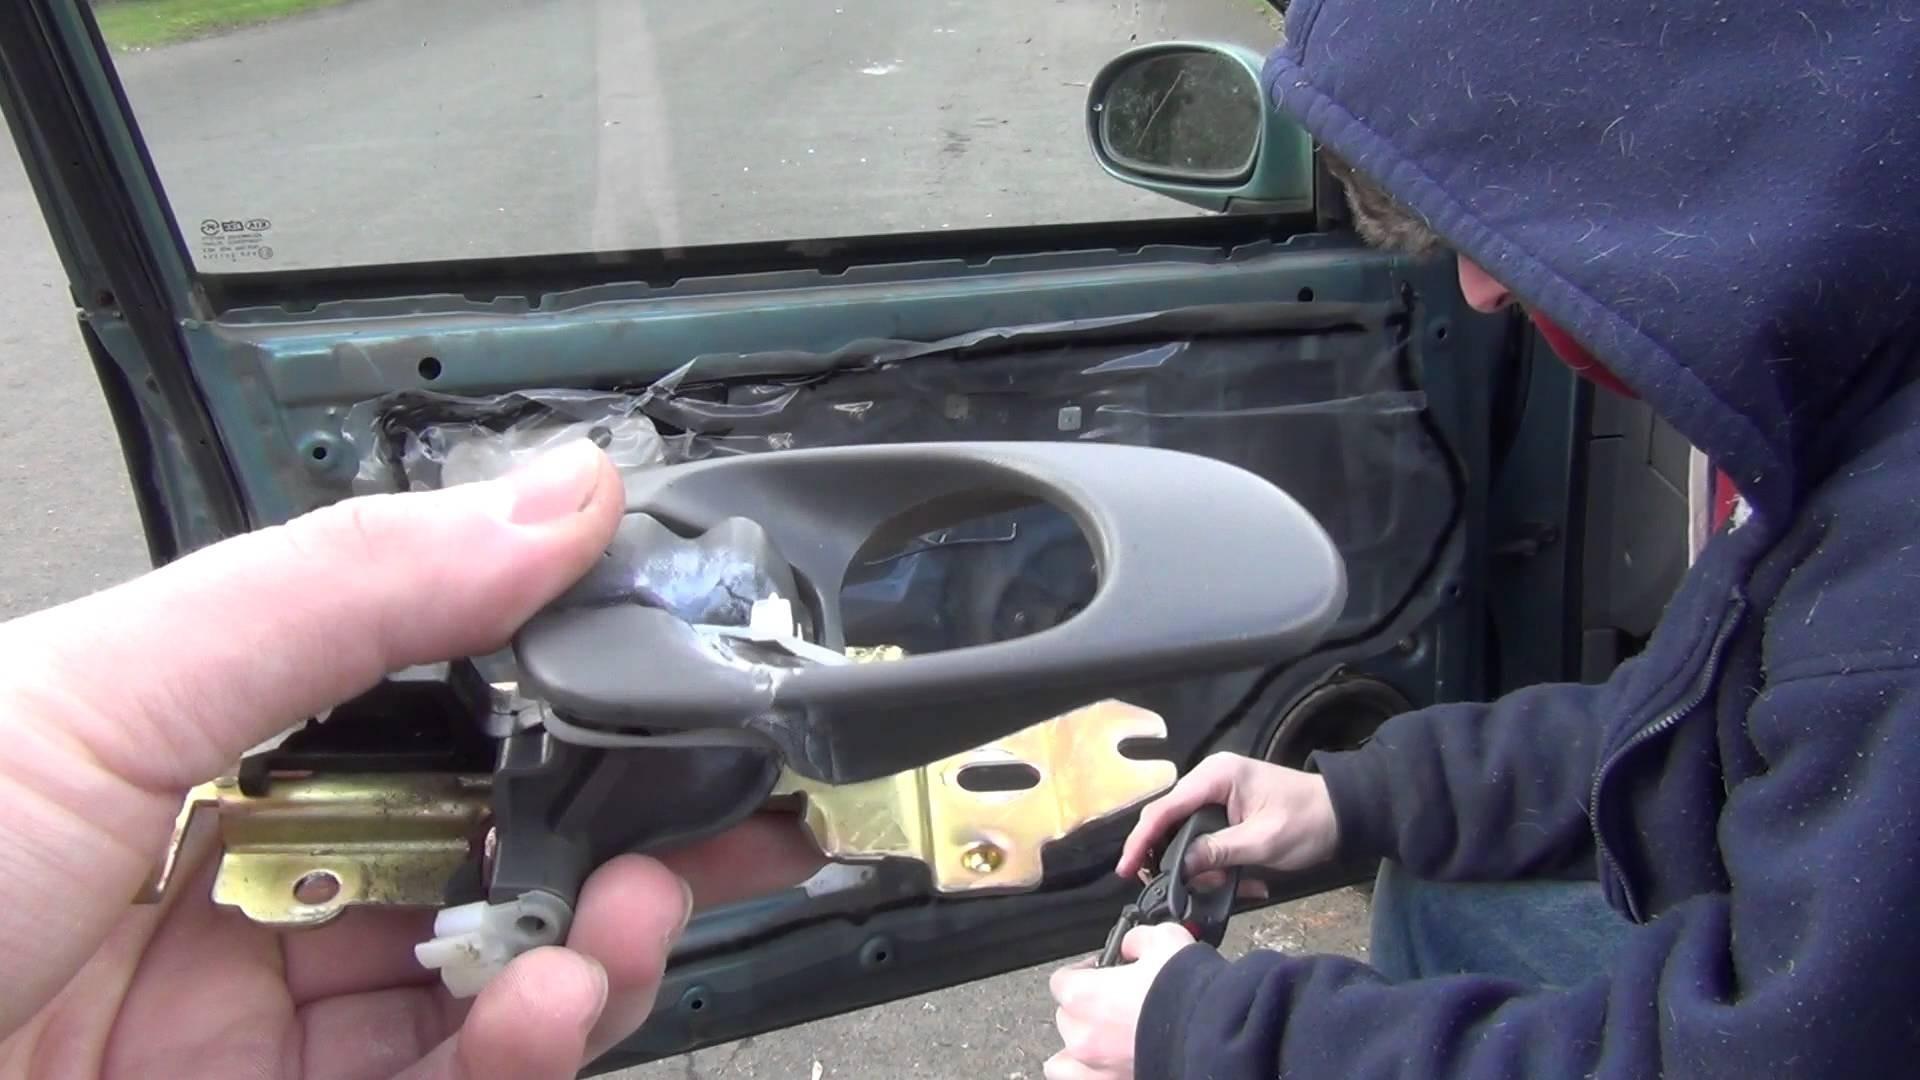 1999 Kia Sephia Engine Diagram Kia Sephia Luxury Kia Sportage Door Handle Broken Auto Super Car Of 1999 Kia Sephia Engine Diagram